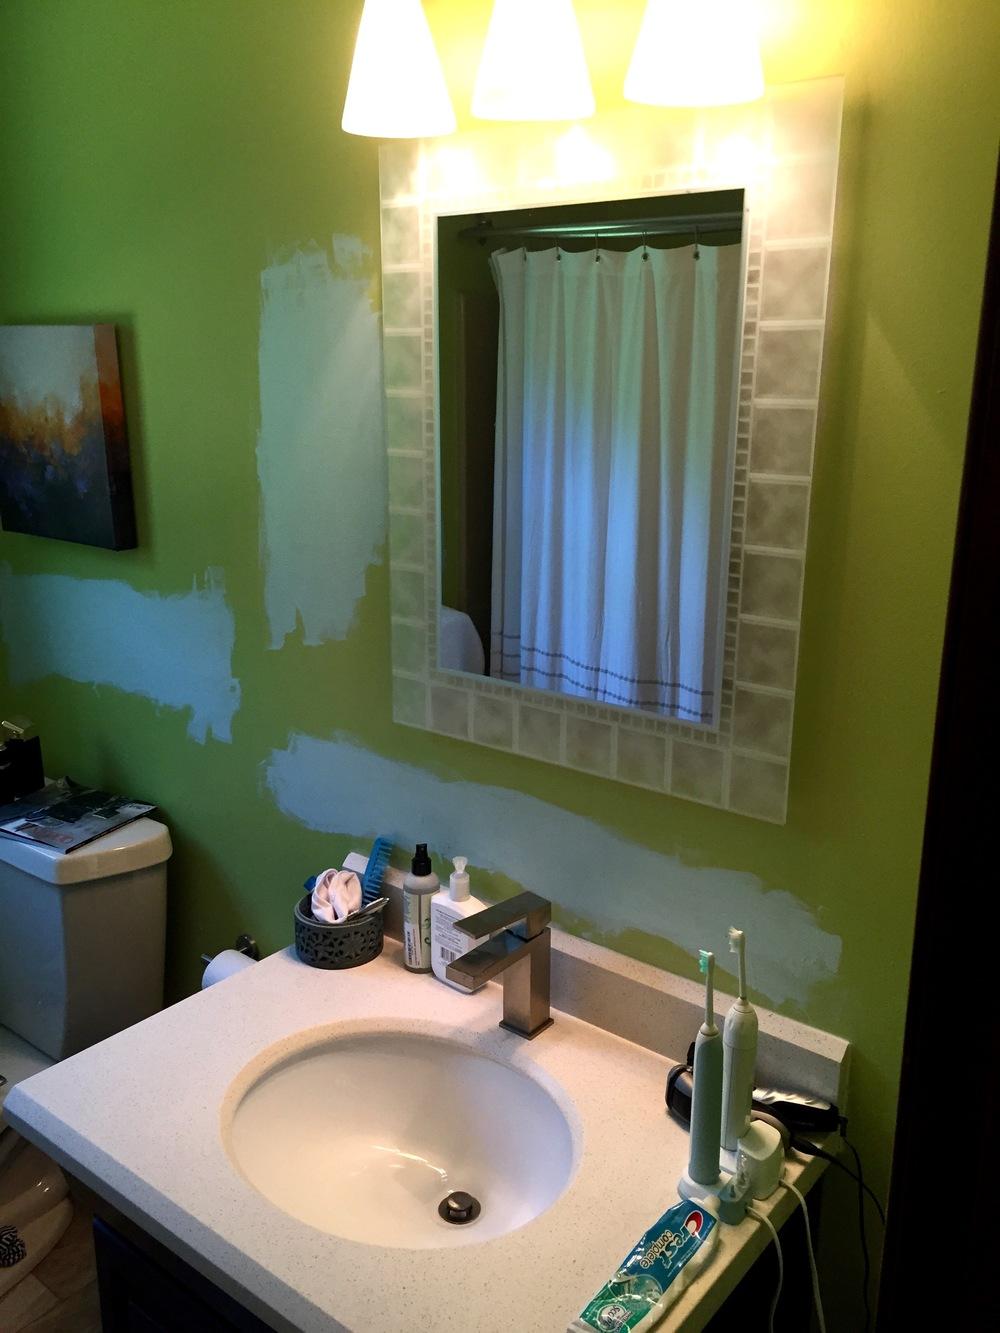 the original bathroom mirror